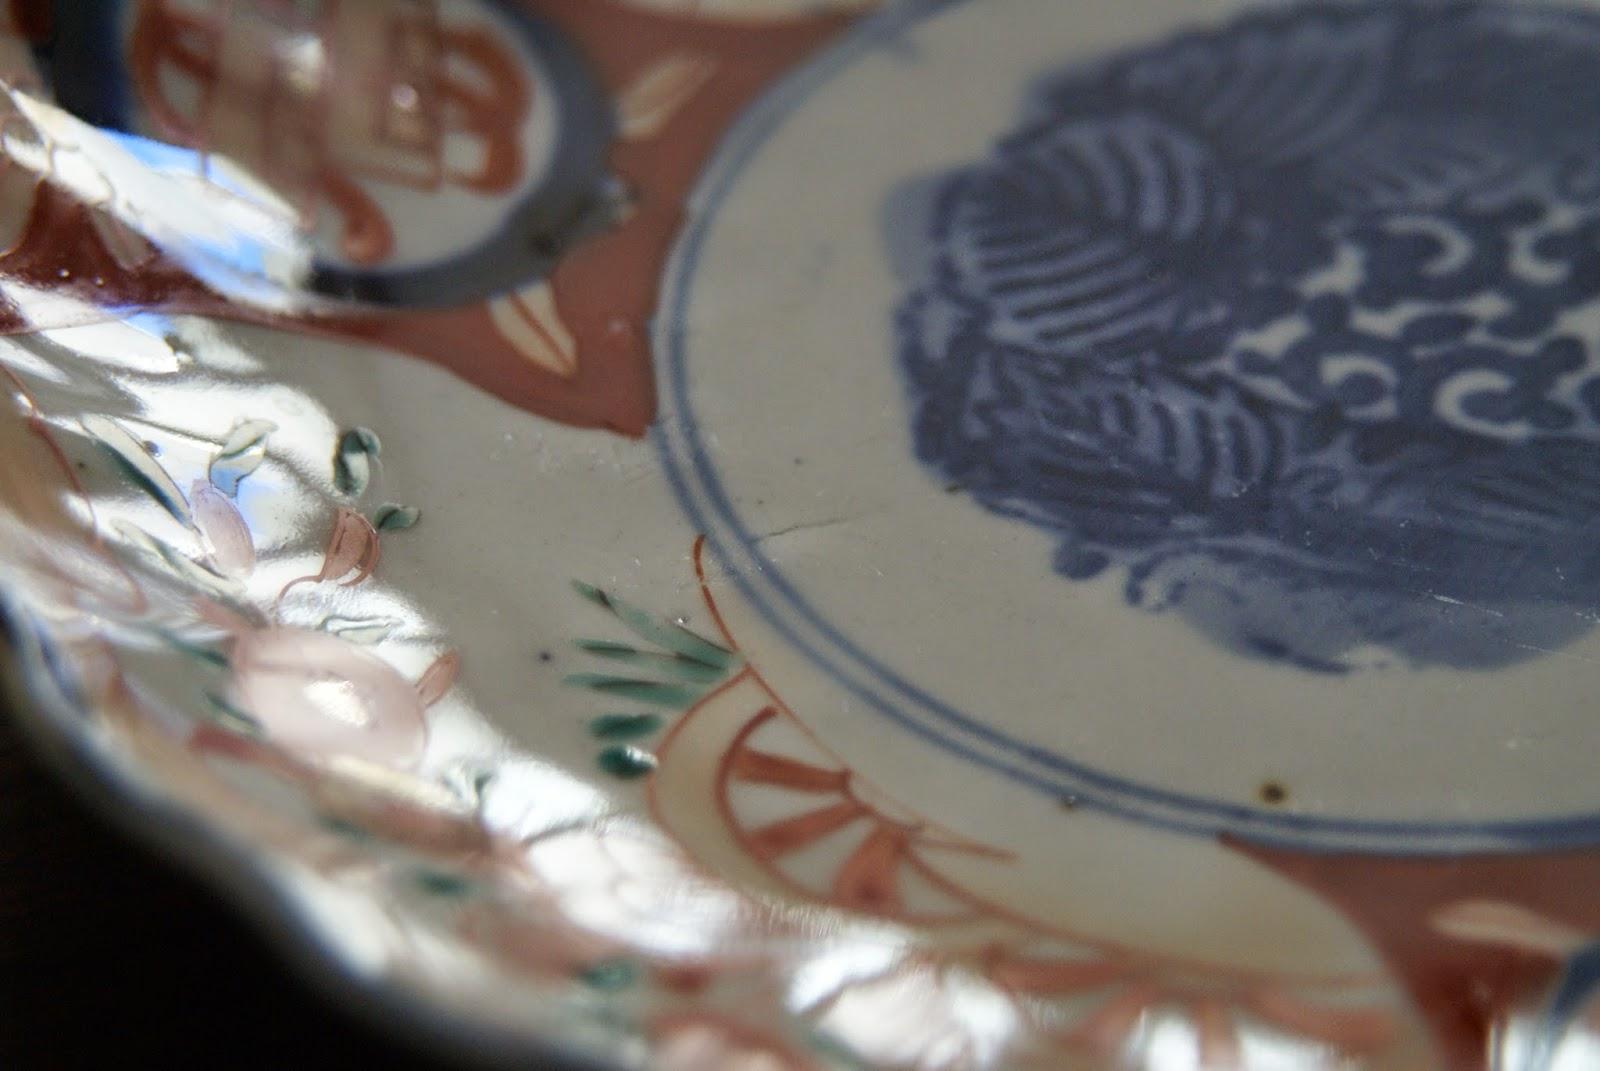 fêlure ou fêle dans la porcelaine